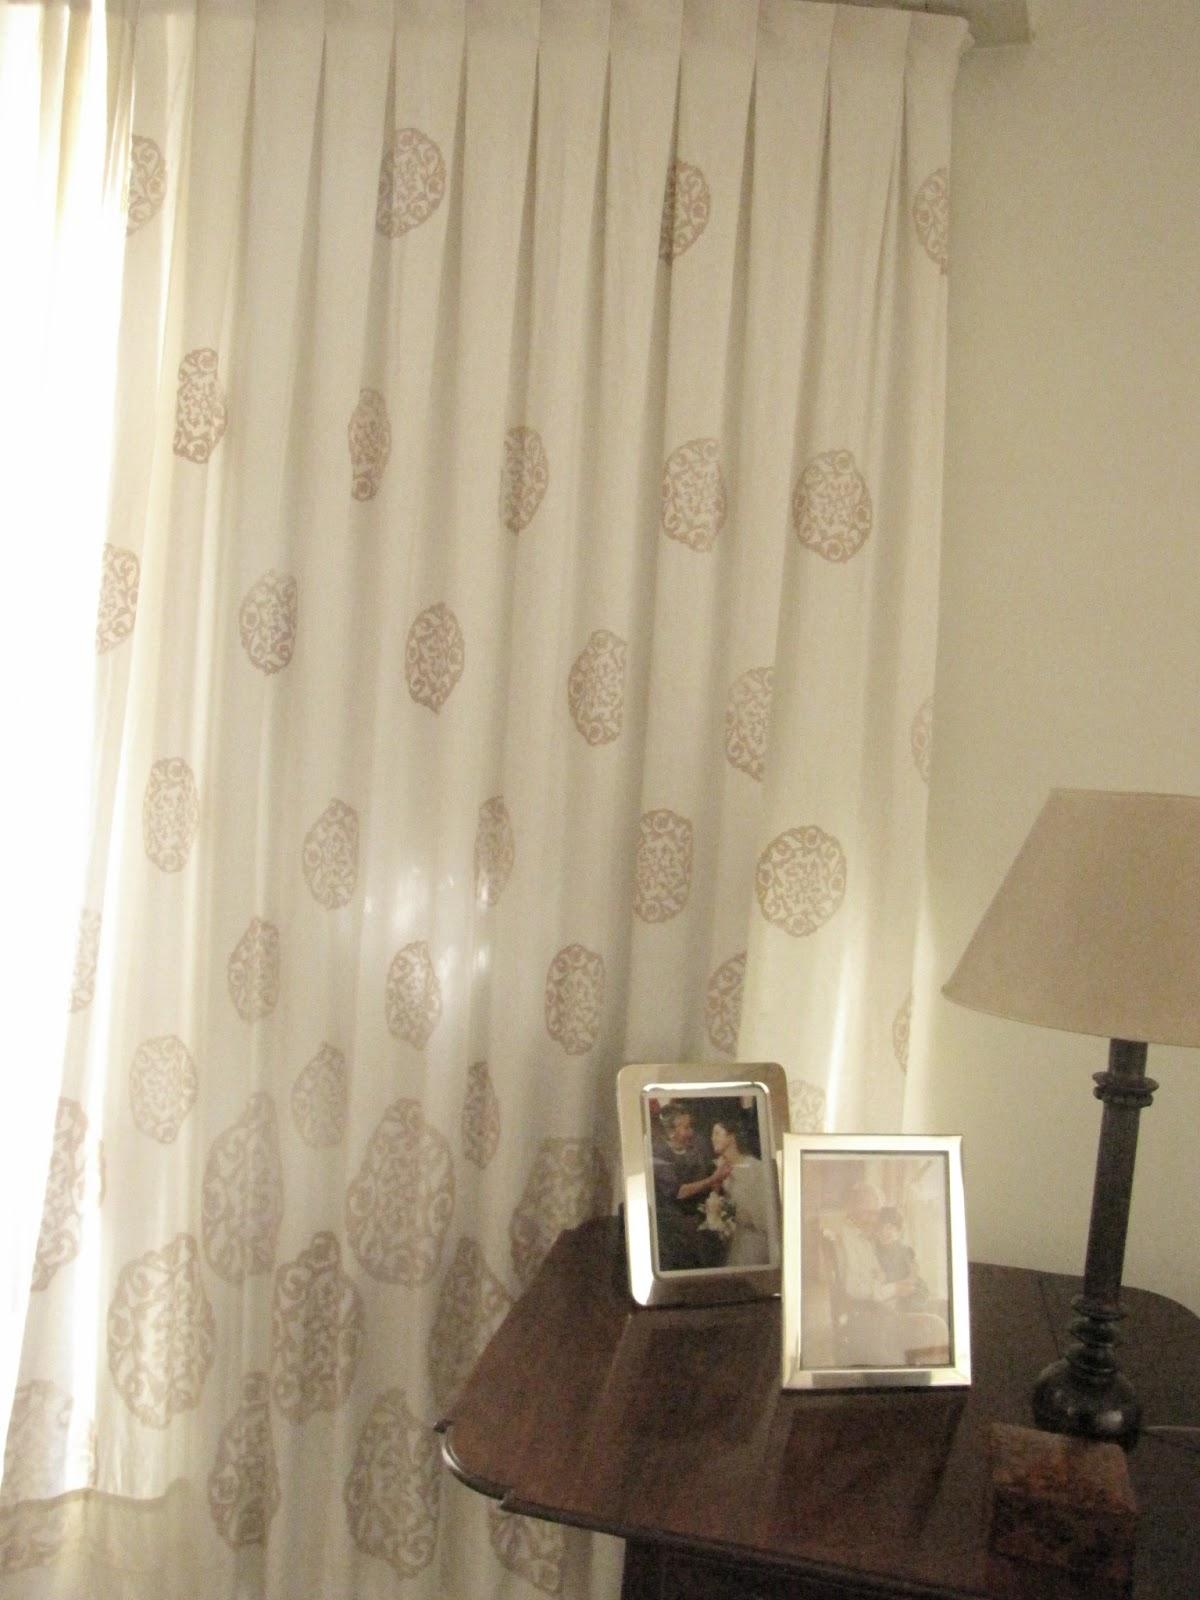 ms d e c o cortinas estampadas On cortinas estampadas